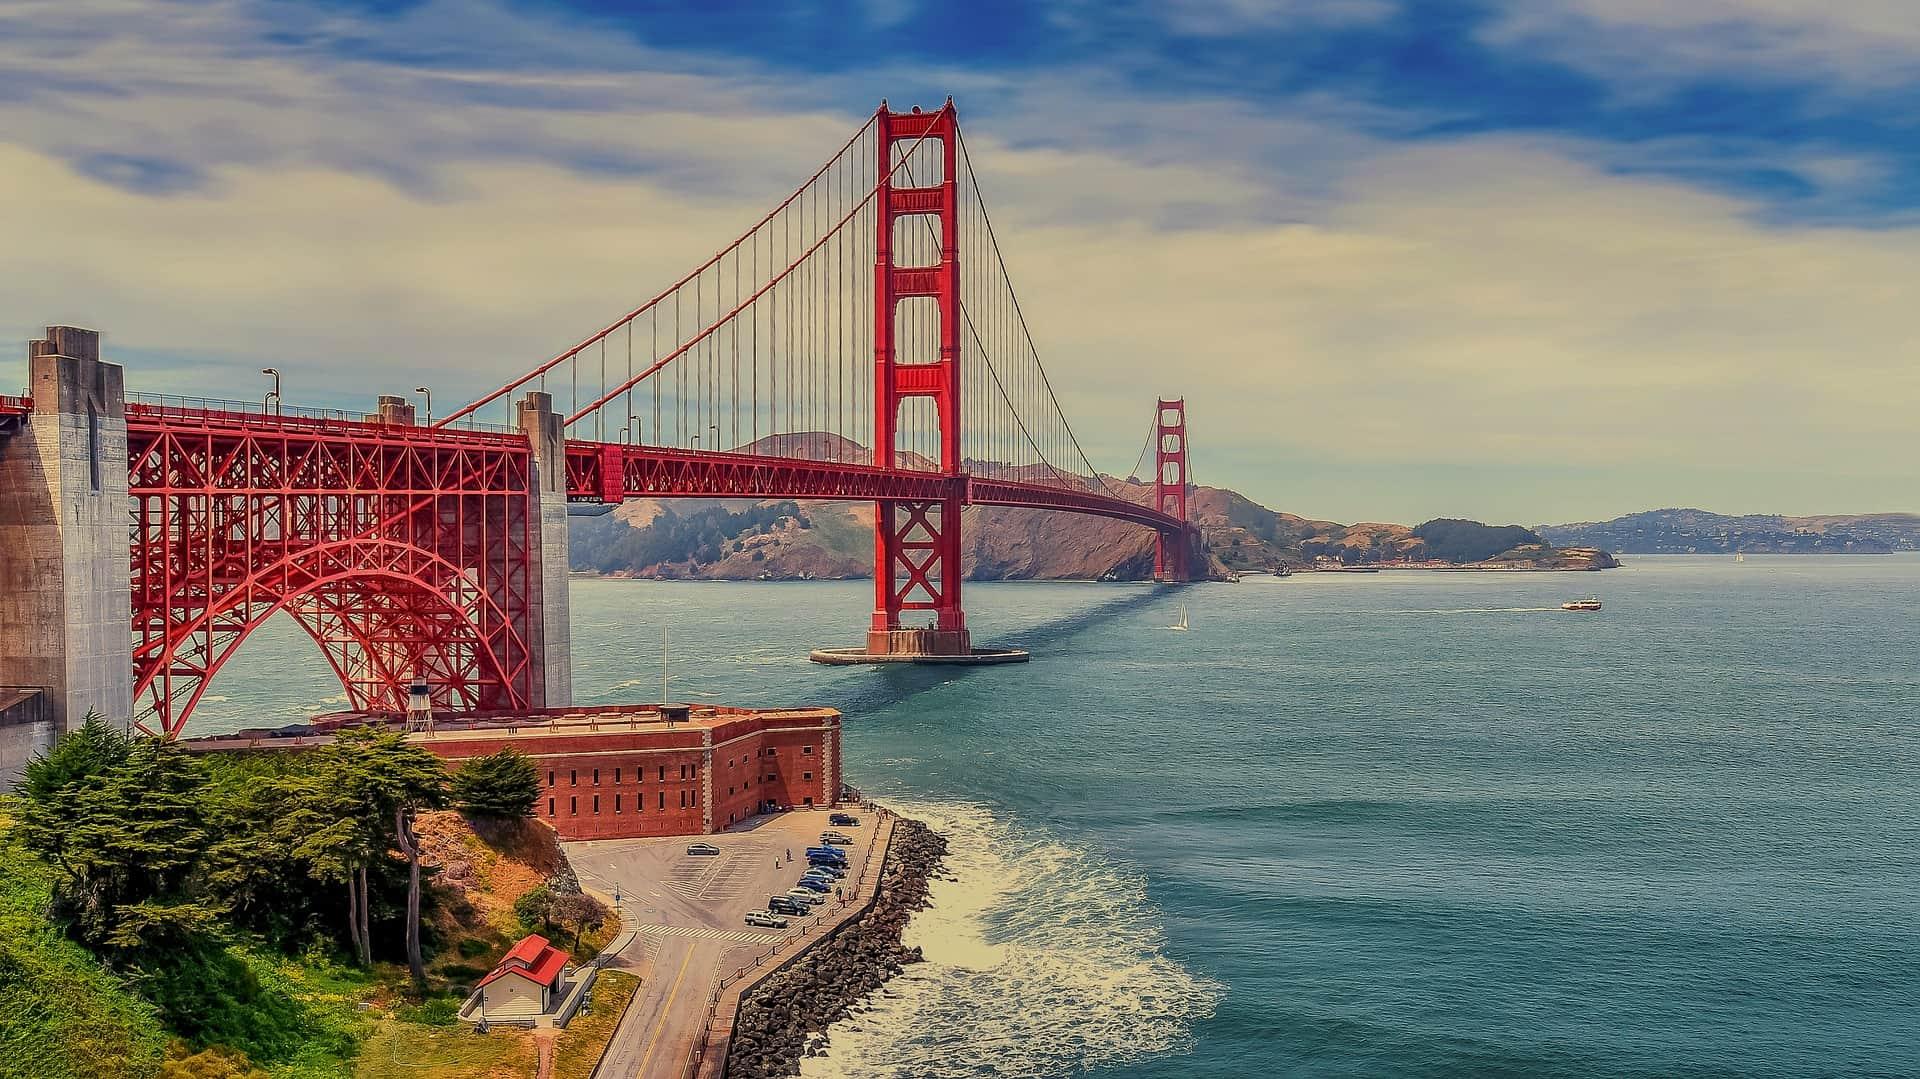 Golden Gate Bridge in San Francisco - Wir empfehlen Selbstfahrer USA Rundreisen günstig zu buchen